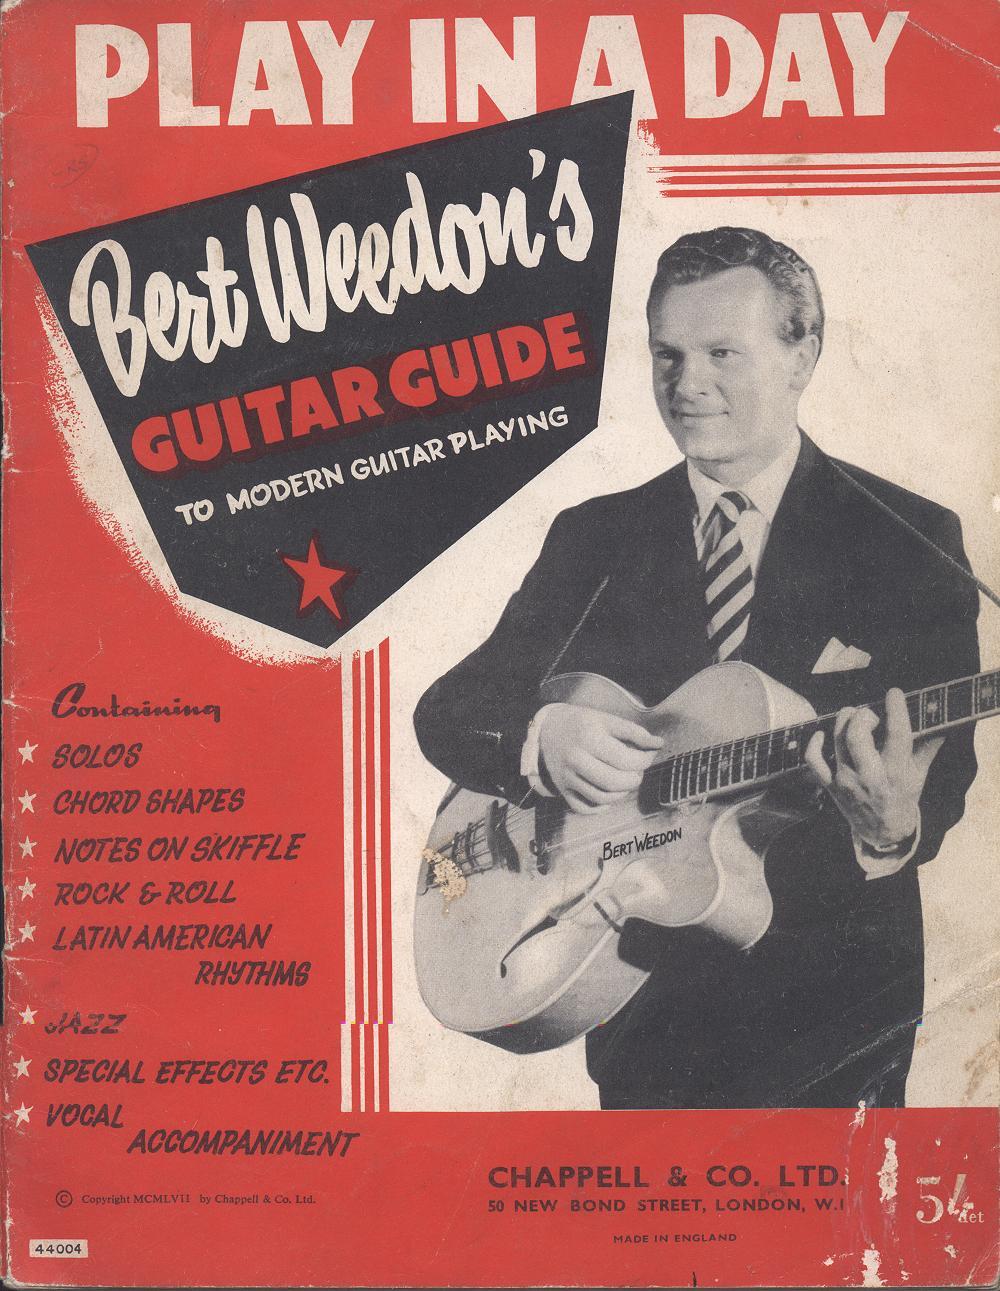 Gary Deacon - Solo Guitarist: December 2012